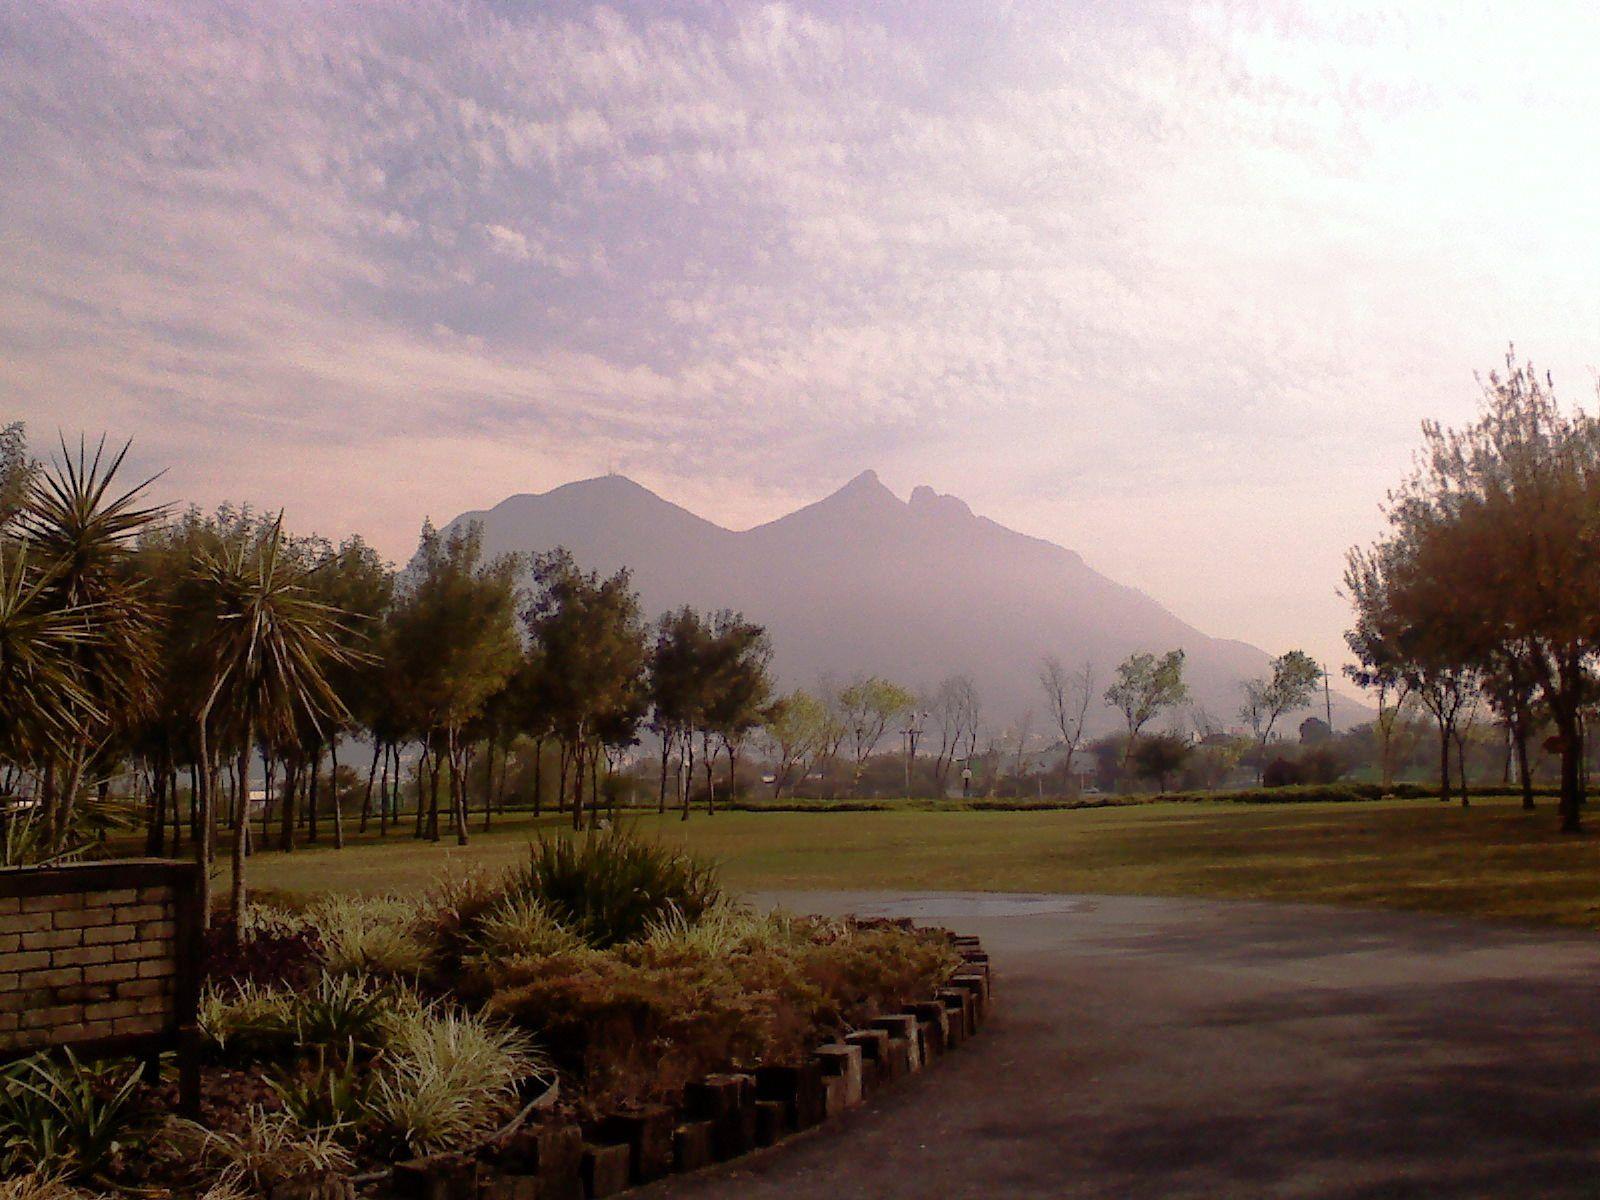 el cerro desde otra perspectiva, desde parque fundidora parte trasera